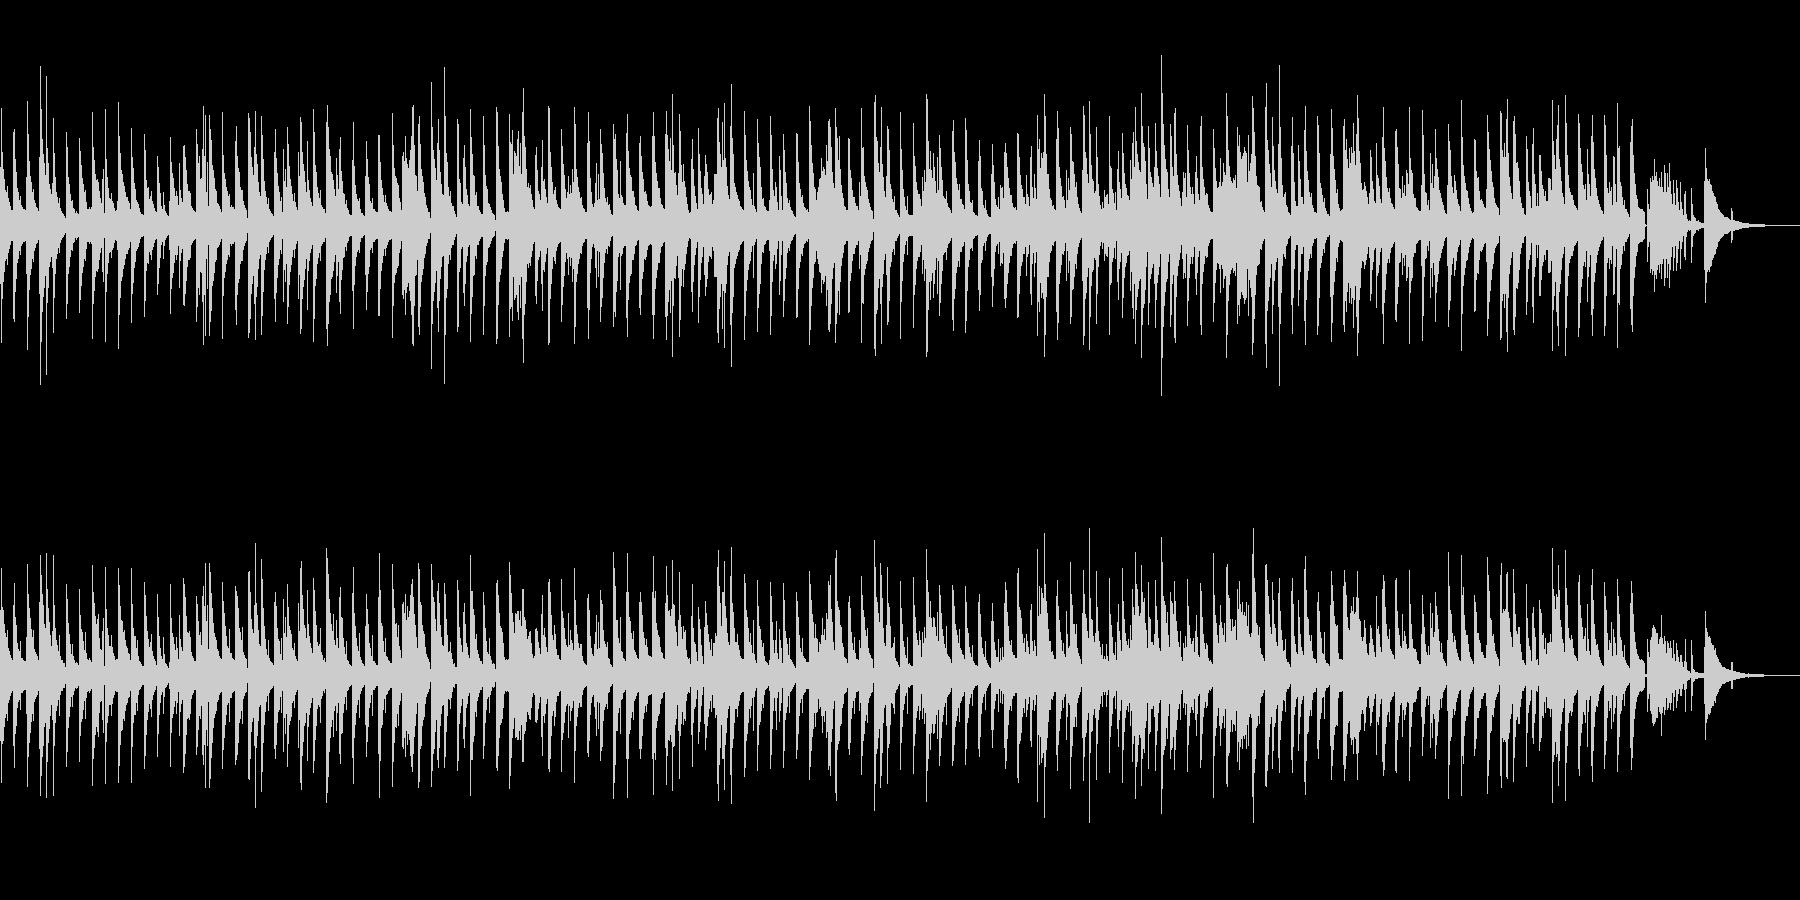 おしゃれで大人なジャズバラードBGMの未再生の波形